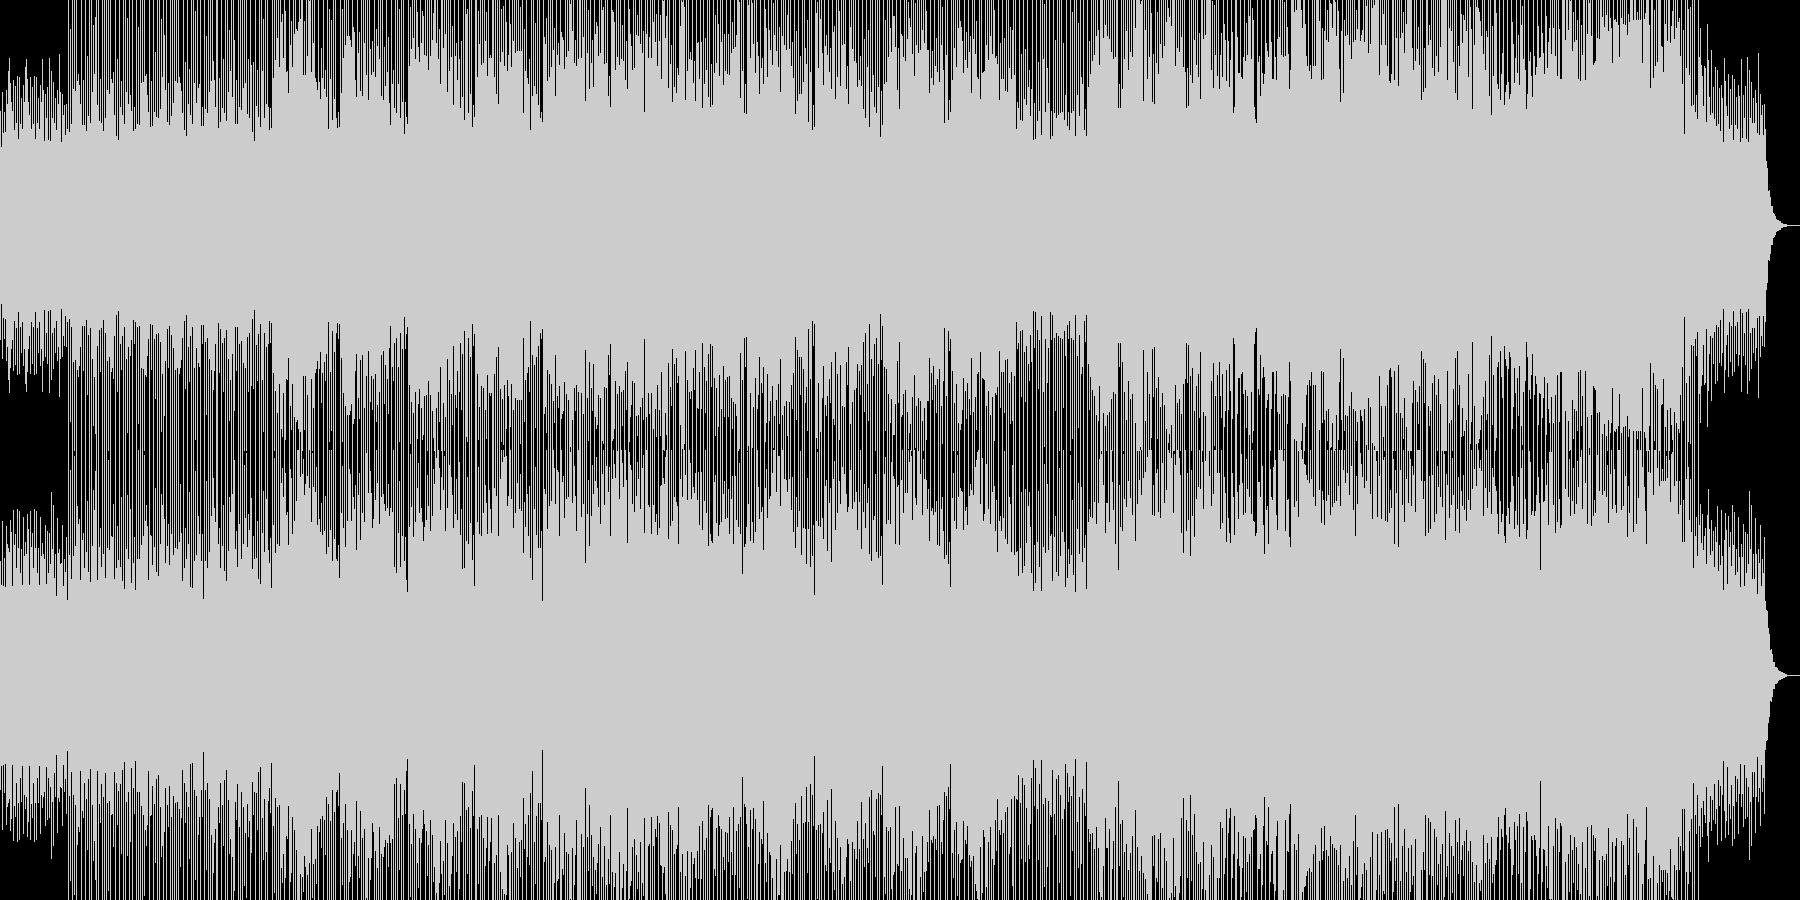 高音質♪ドラマ舞台用キラリ光るシーンの未再生の波形